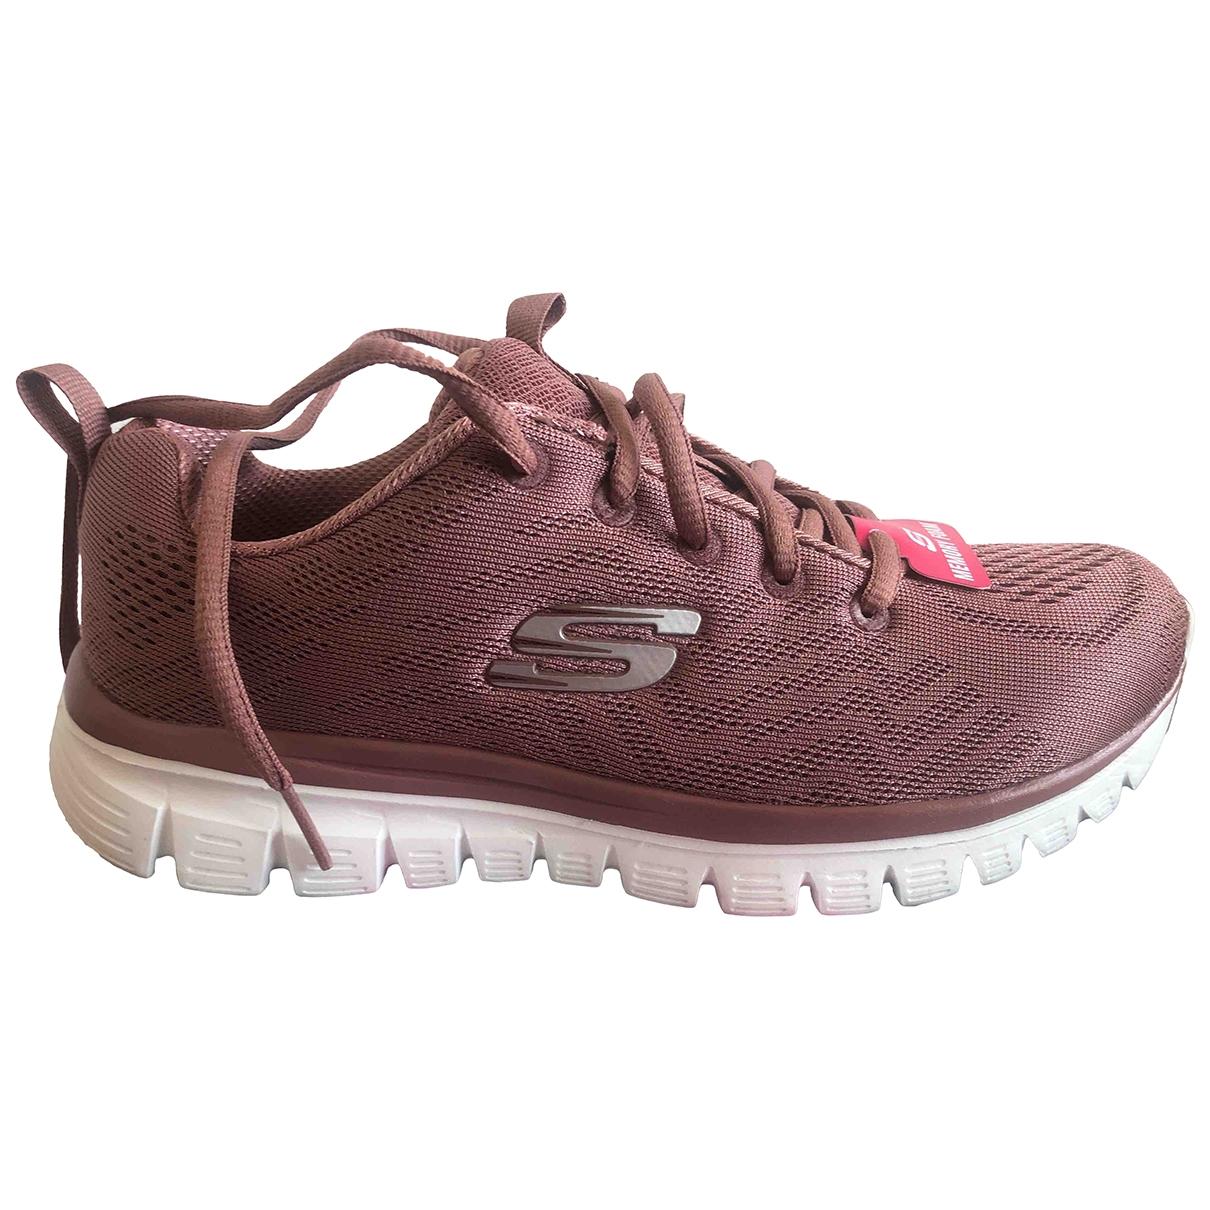 Skechers - Baskets   pour femme en caoutchouc - rose